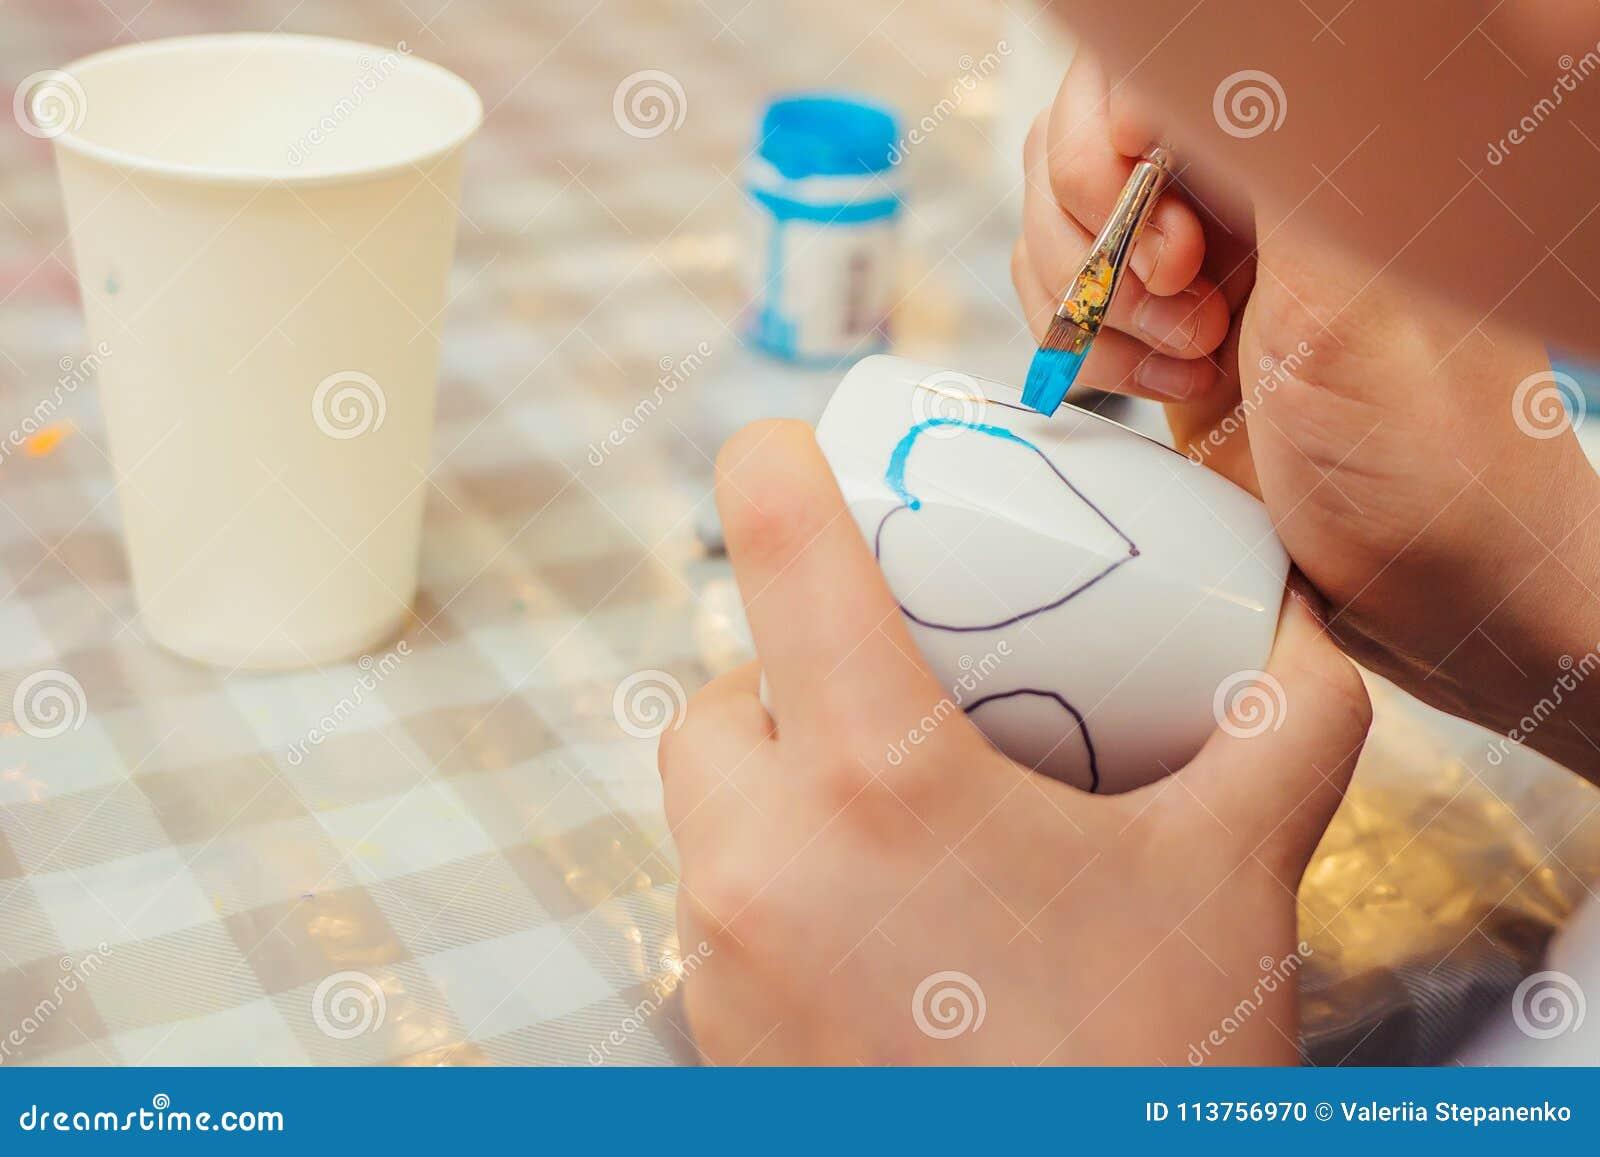 En pojke drar en hjärta på den vita koppen med en blå målarfärg